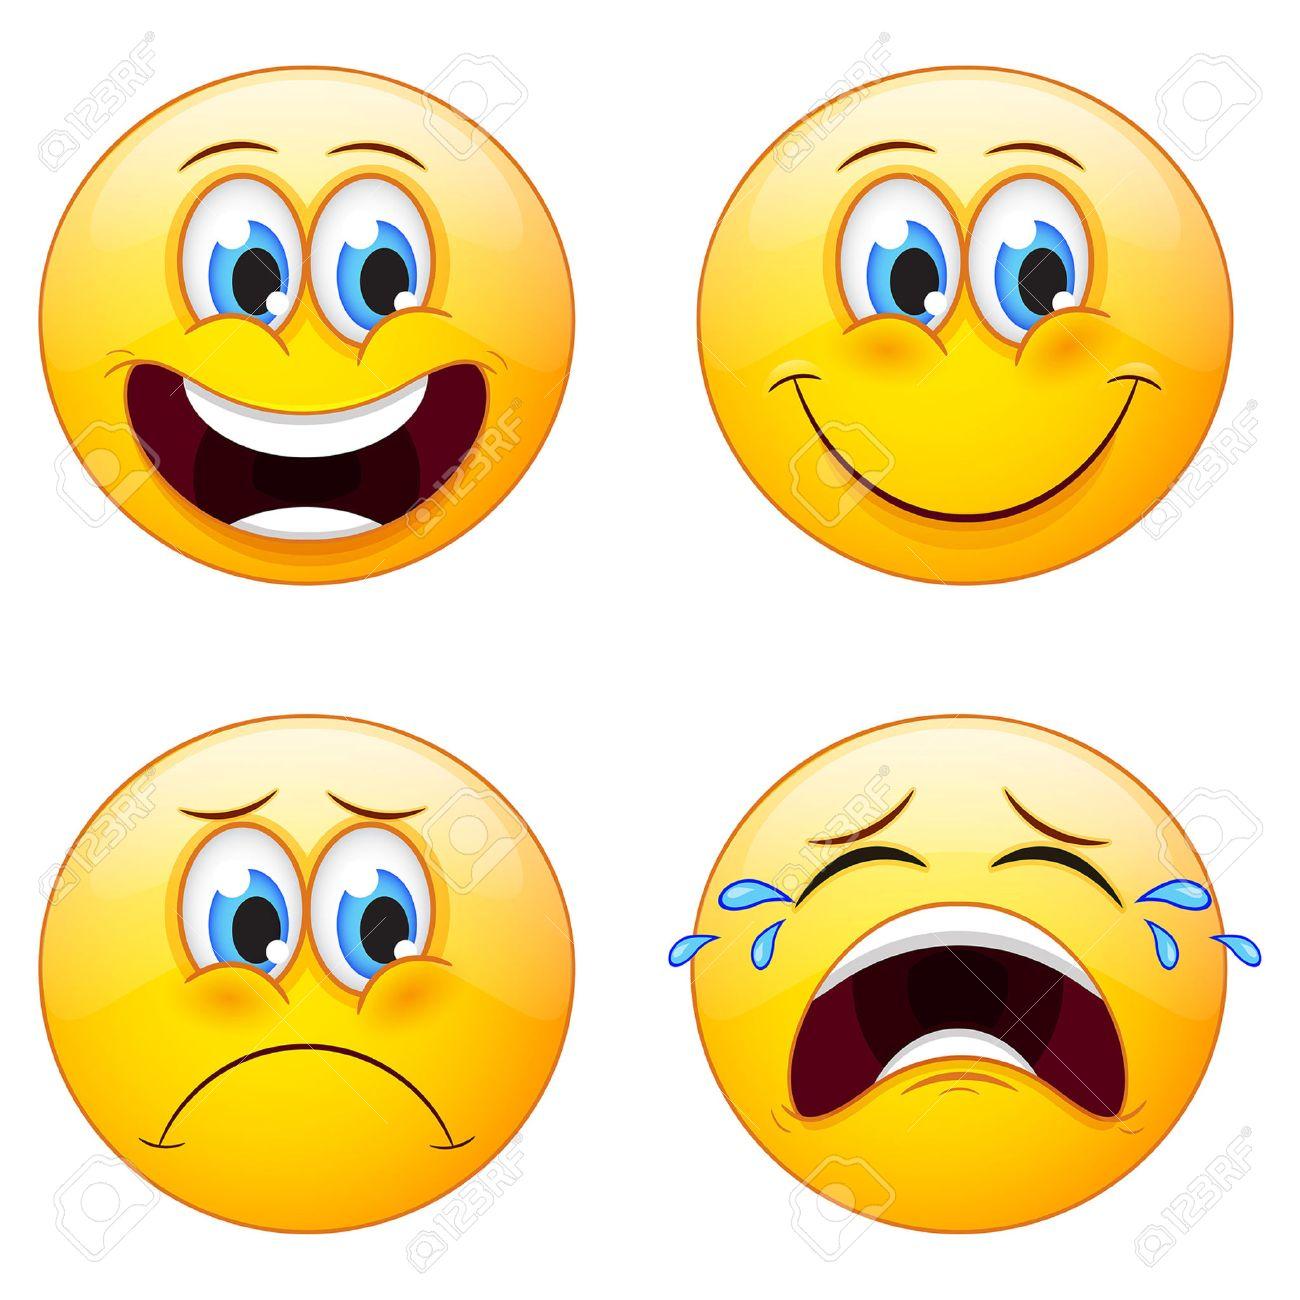 Sad face stock photos royalty free business images emoji buycottarizona Choice Image